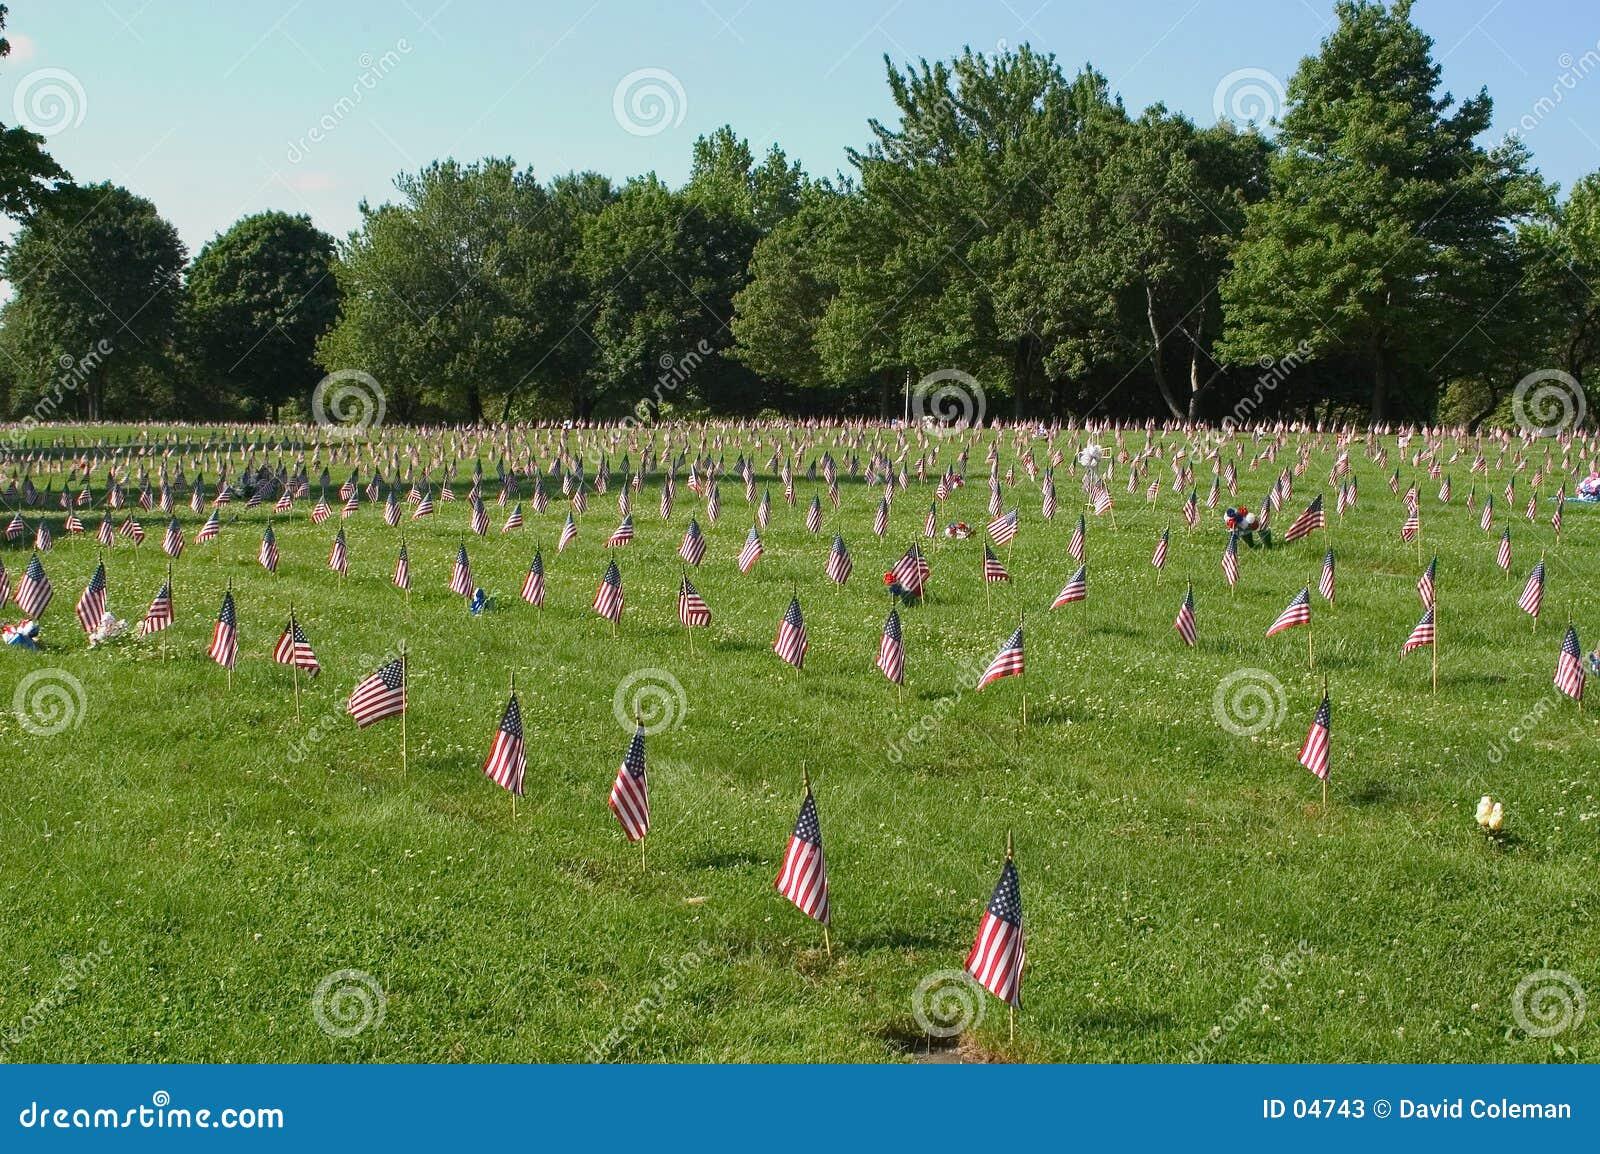 Erinnern an unsere Veterane